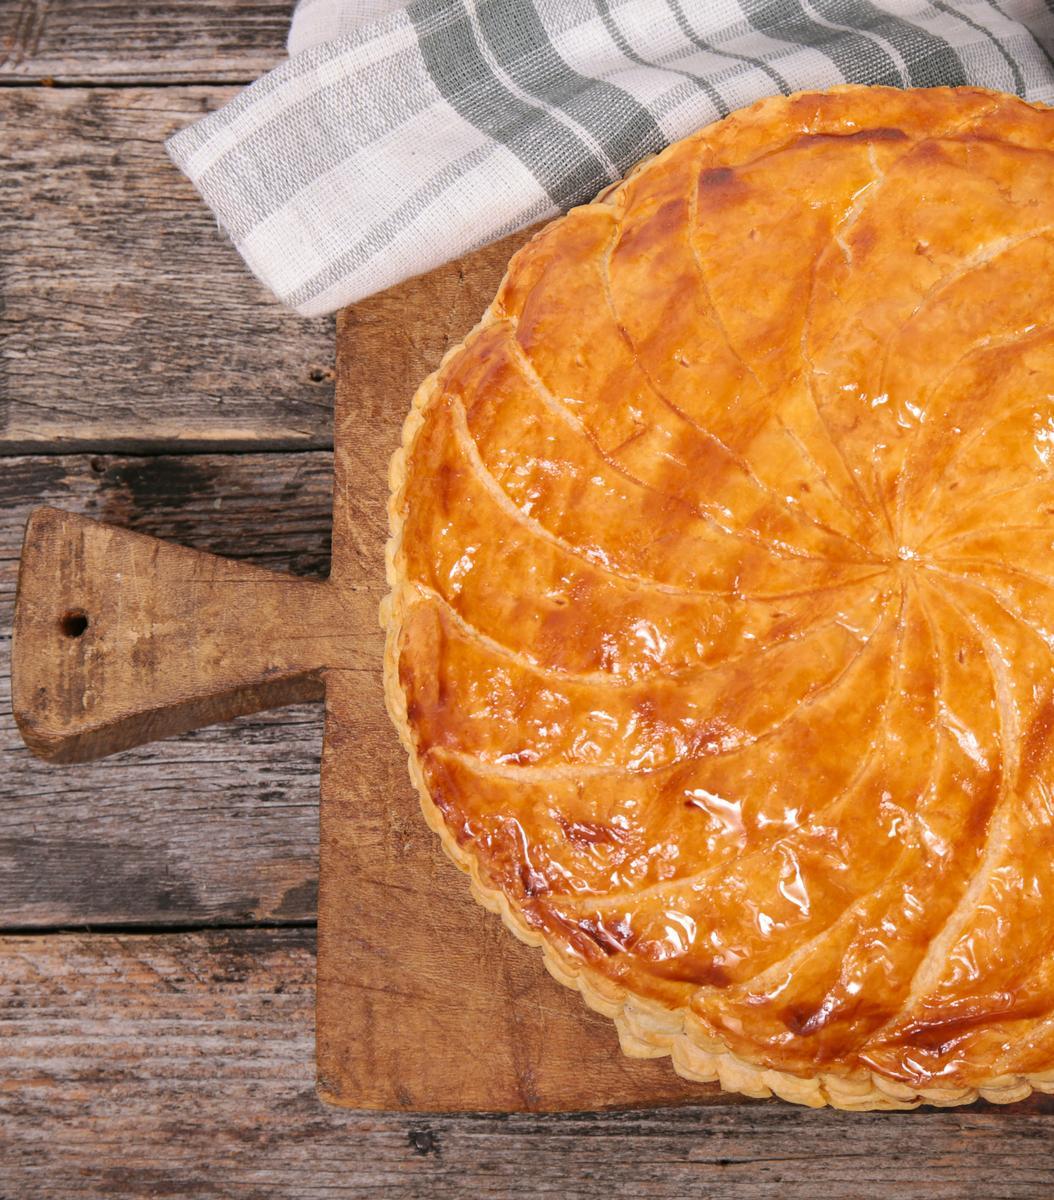 Recette galette des rois fourr e aux amandes cuisine - Decor galette des rois ...